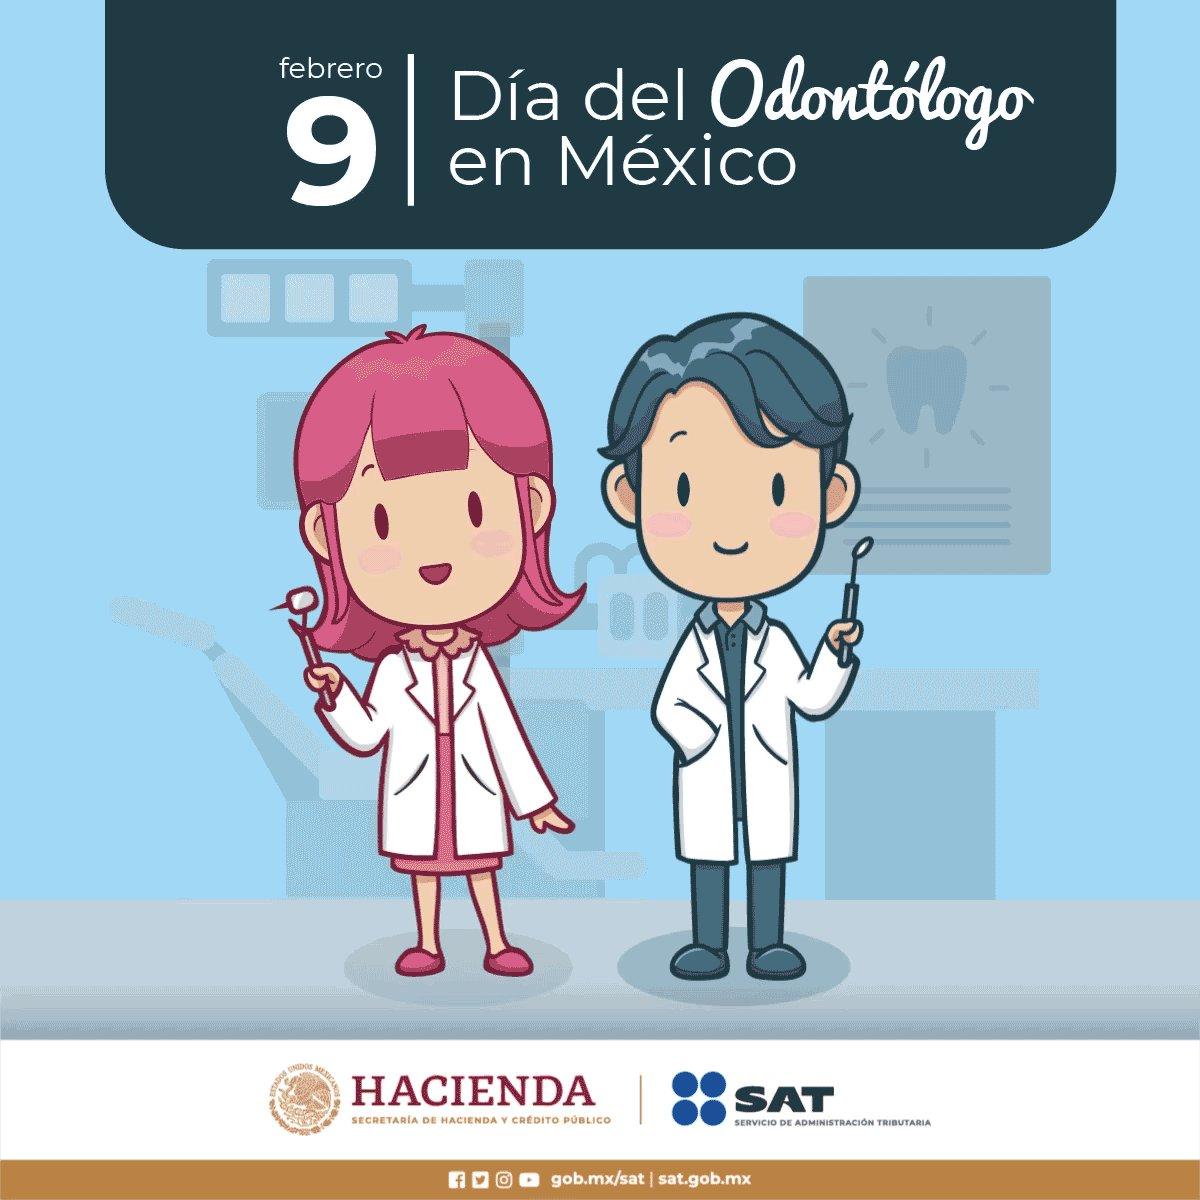 Hoy en el #DíaDelOdontólogo 👩⚕️👨⚕️, #EmiteFactura a tus pacientes.Utiliza nuestra herramienta de facturación gratuita, ¡Es muy fácil! ✅http://bit.ly/EmiteFactura